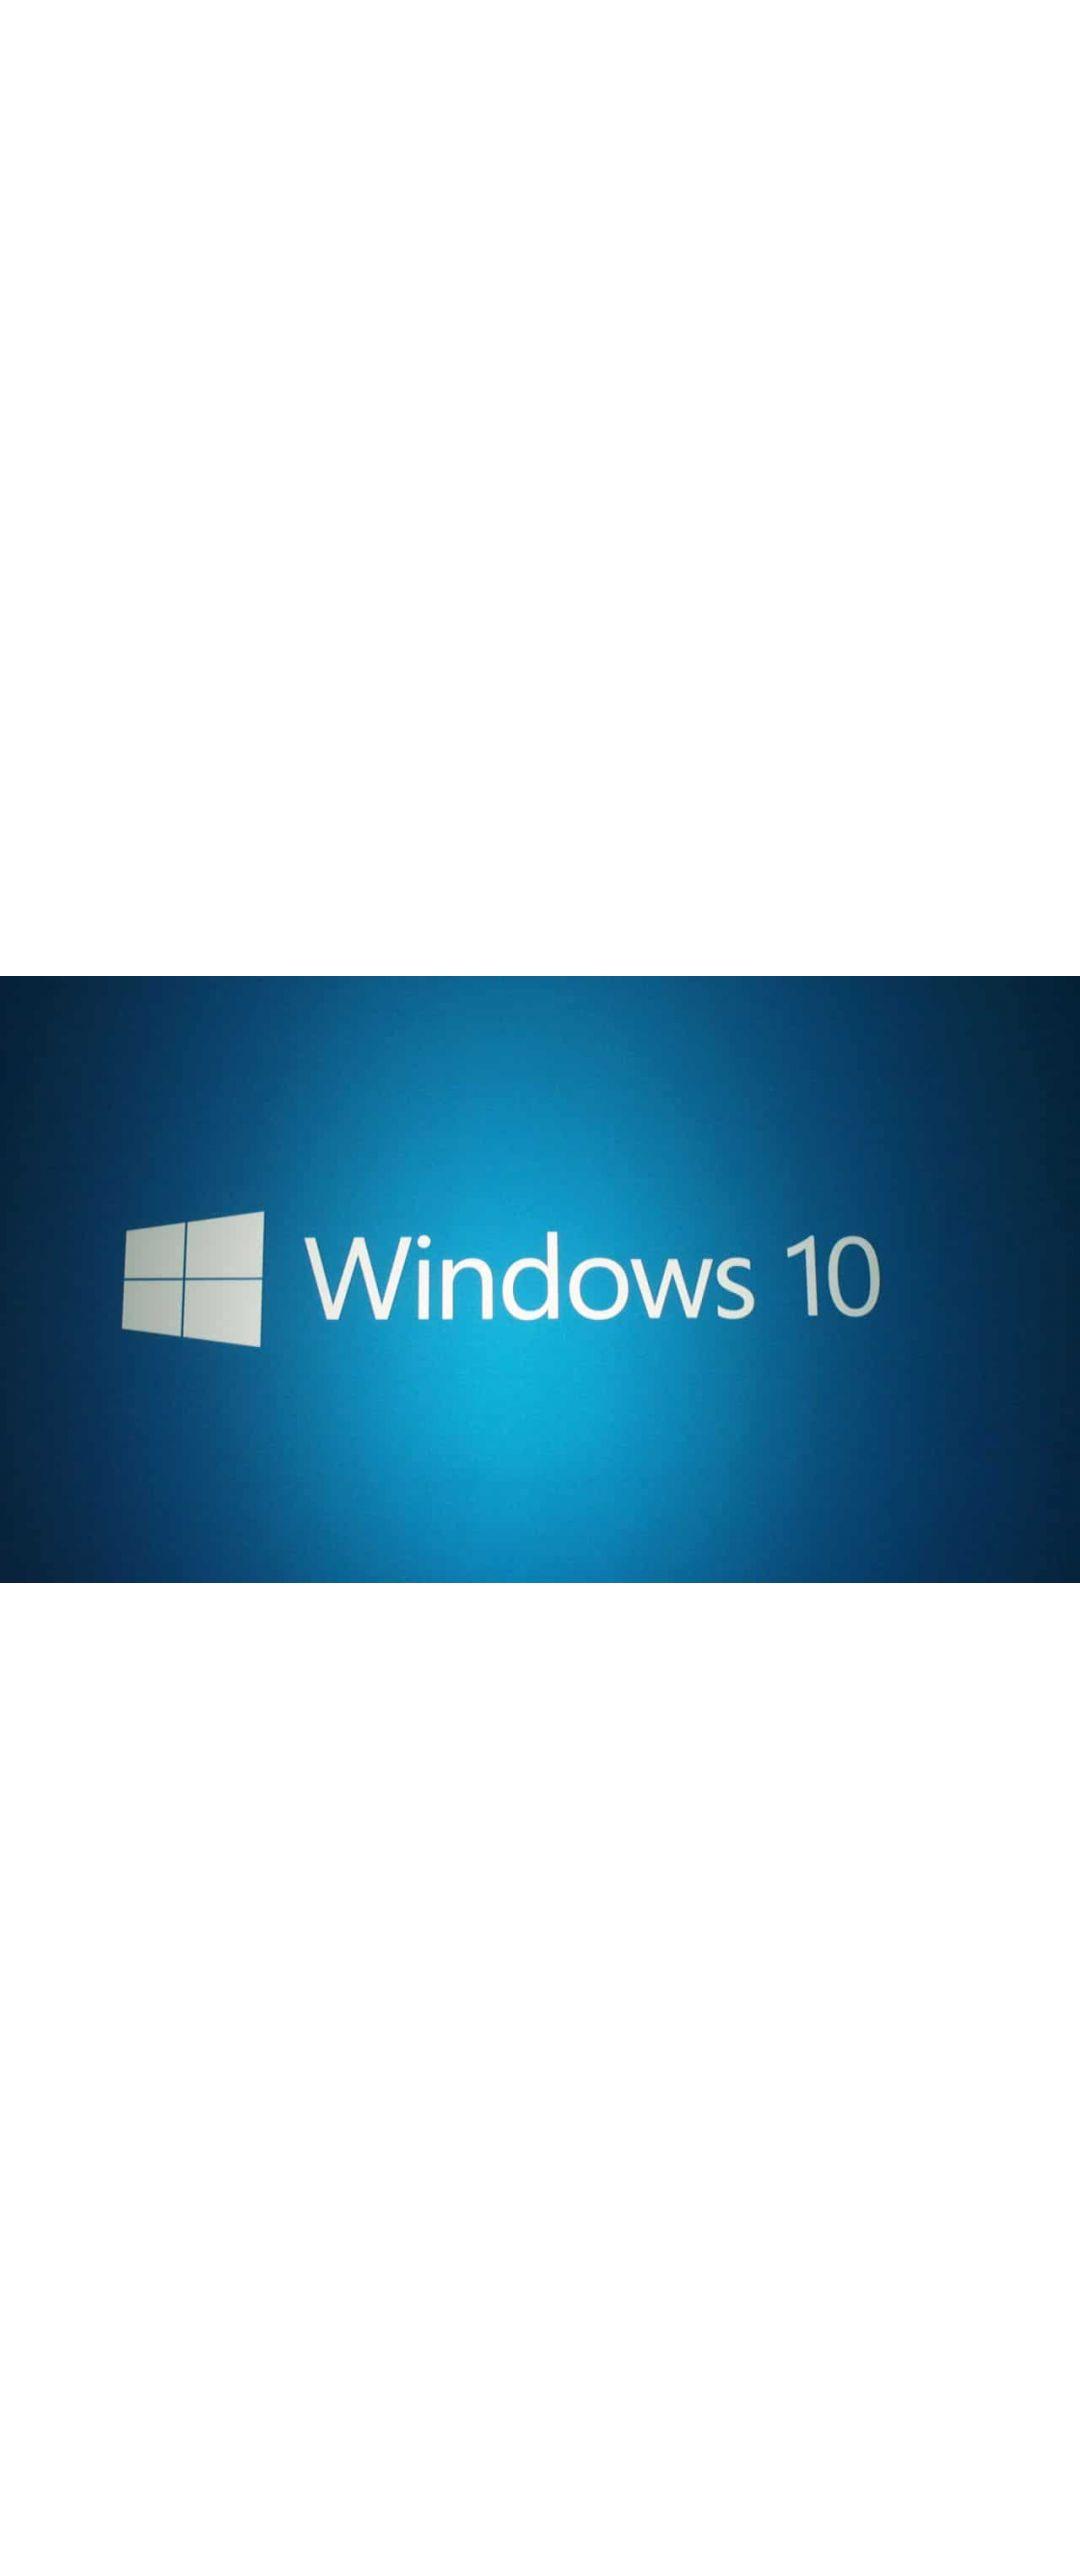 Podremos desbloquear cualquier equipo con Windows 10 desde nuestro smartphone Samsung